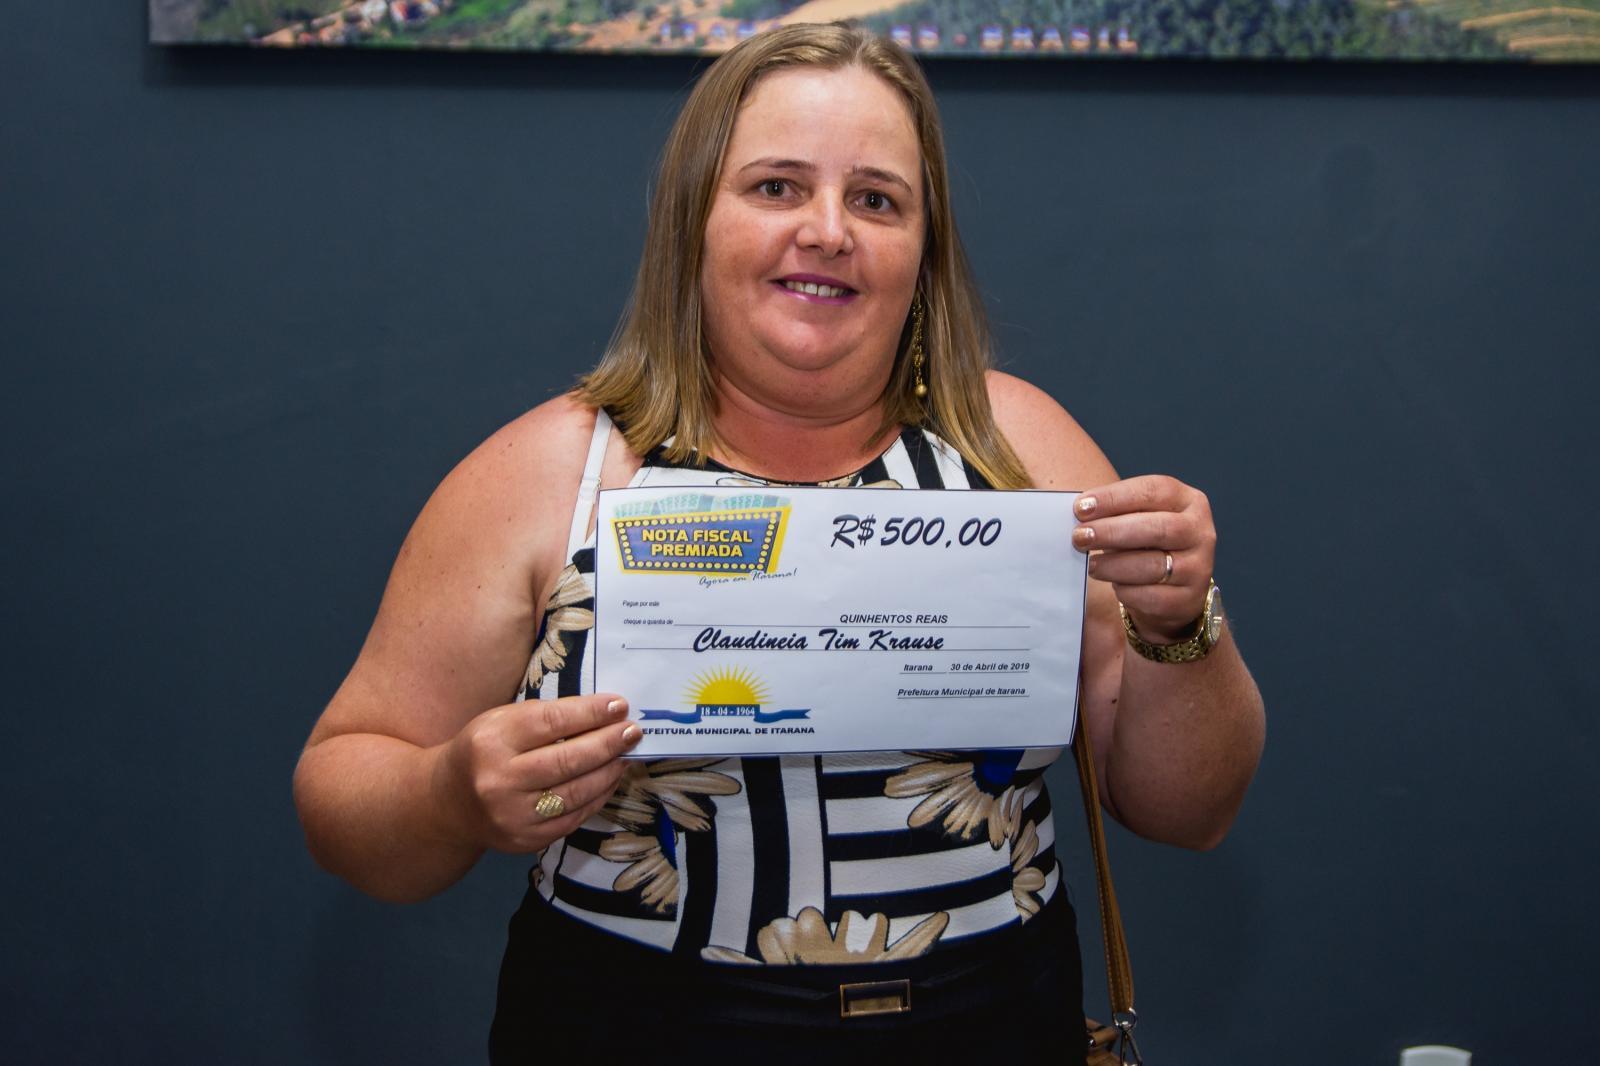 Ganhadores do Programa Nota Fiscal Premiada receberam cheques simbólicos